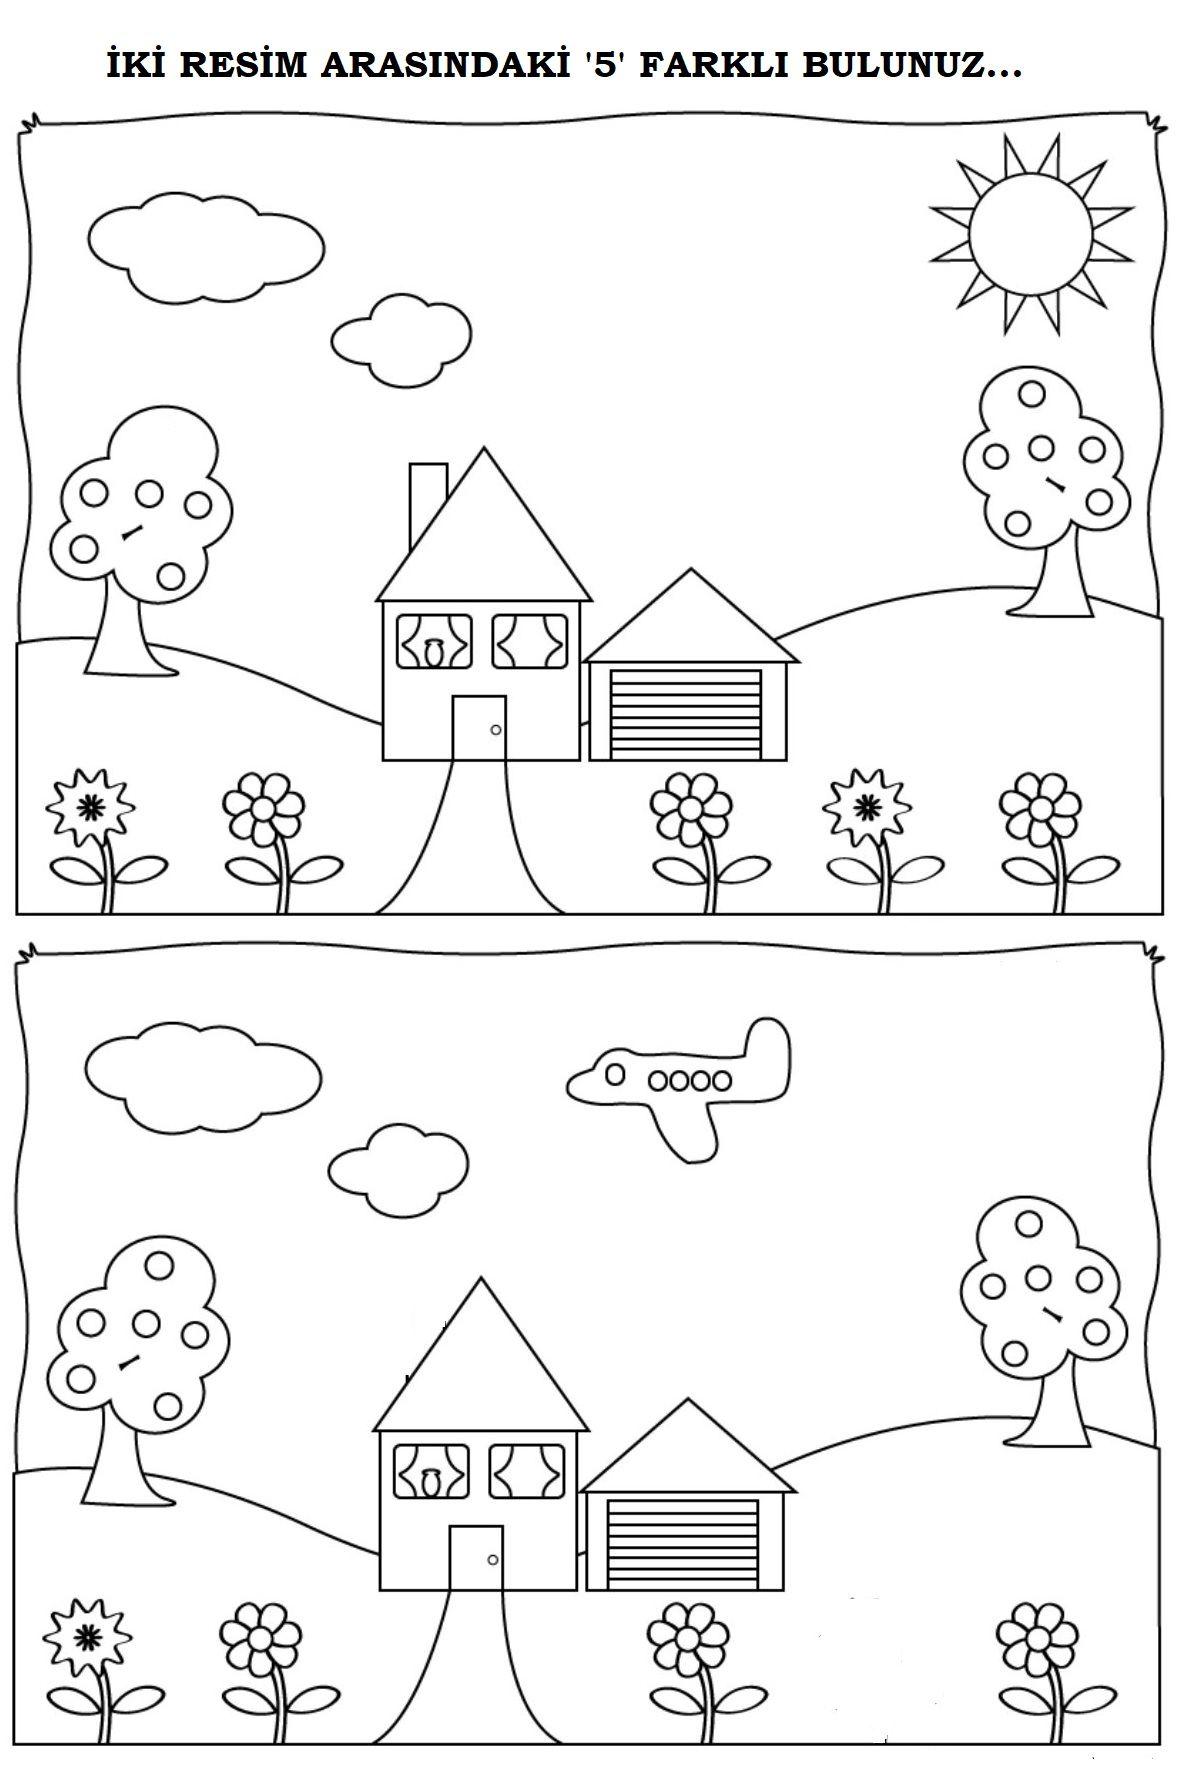 Okul Oncesi 2 Resio Arasindaki Farki Bulma Okul Oncesi Okul